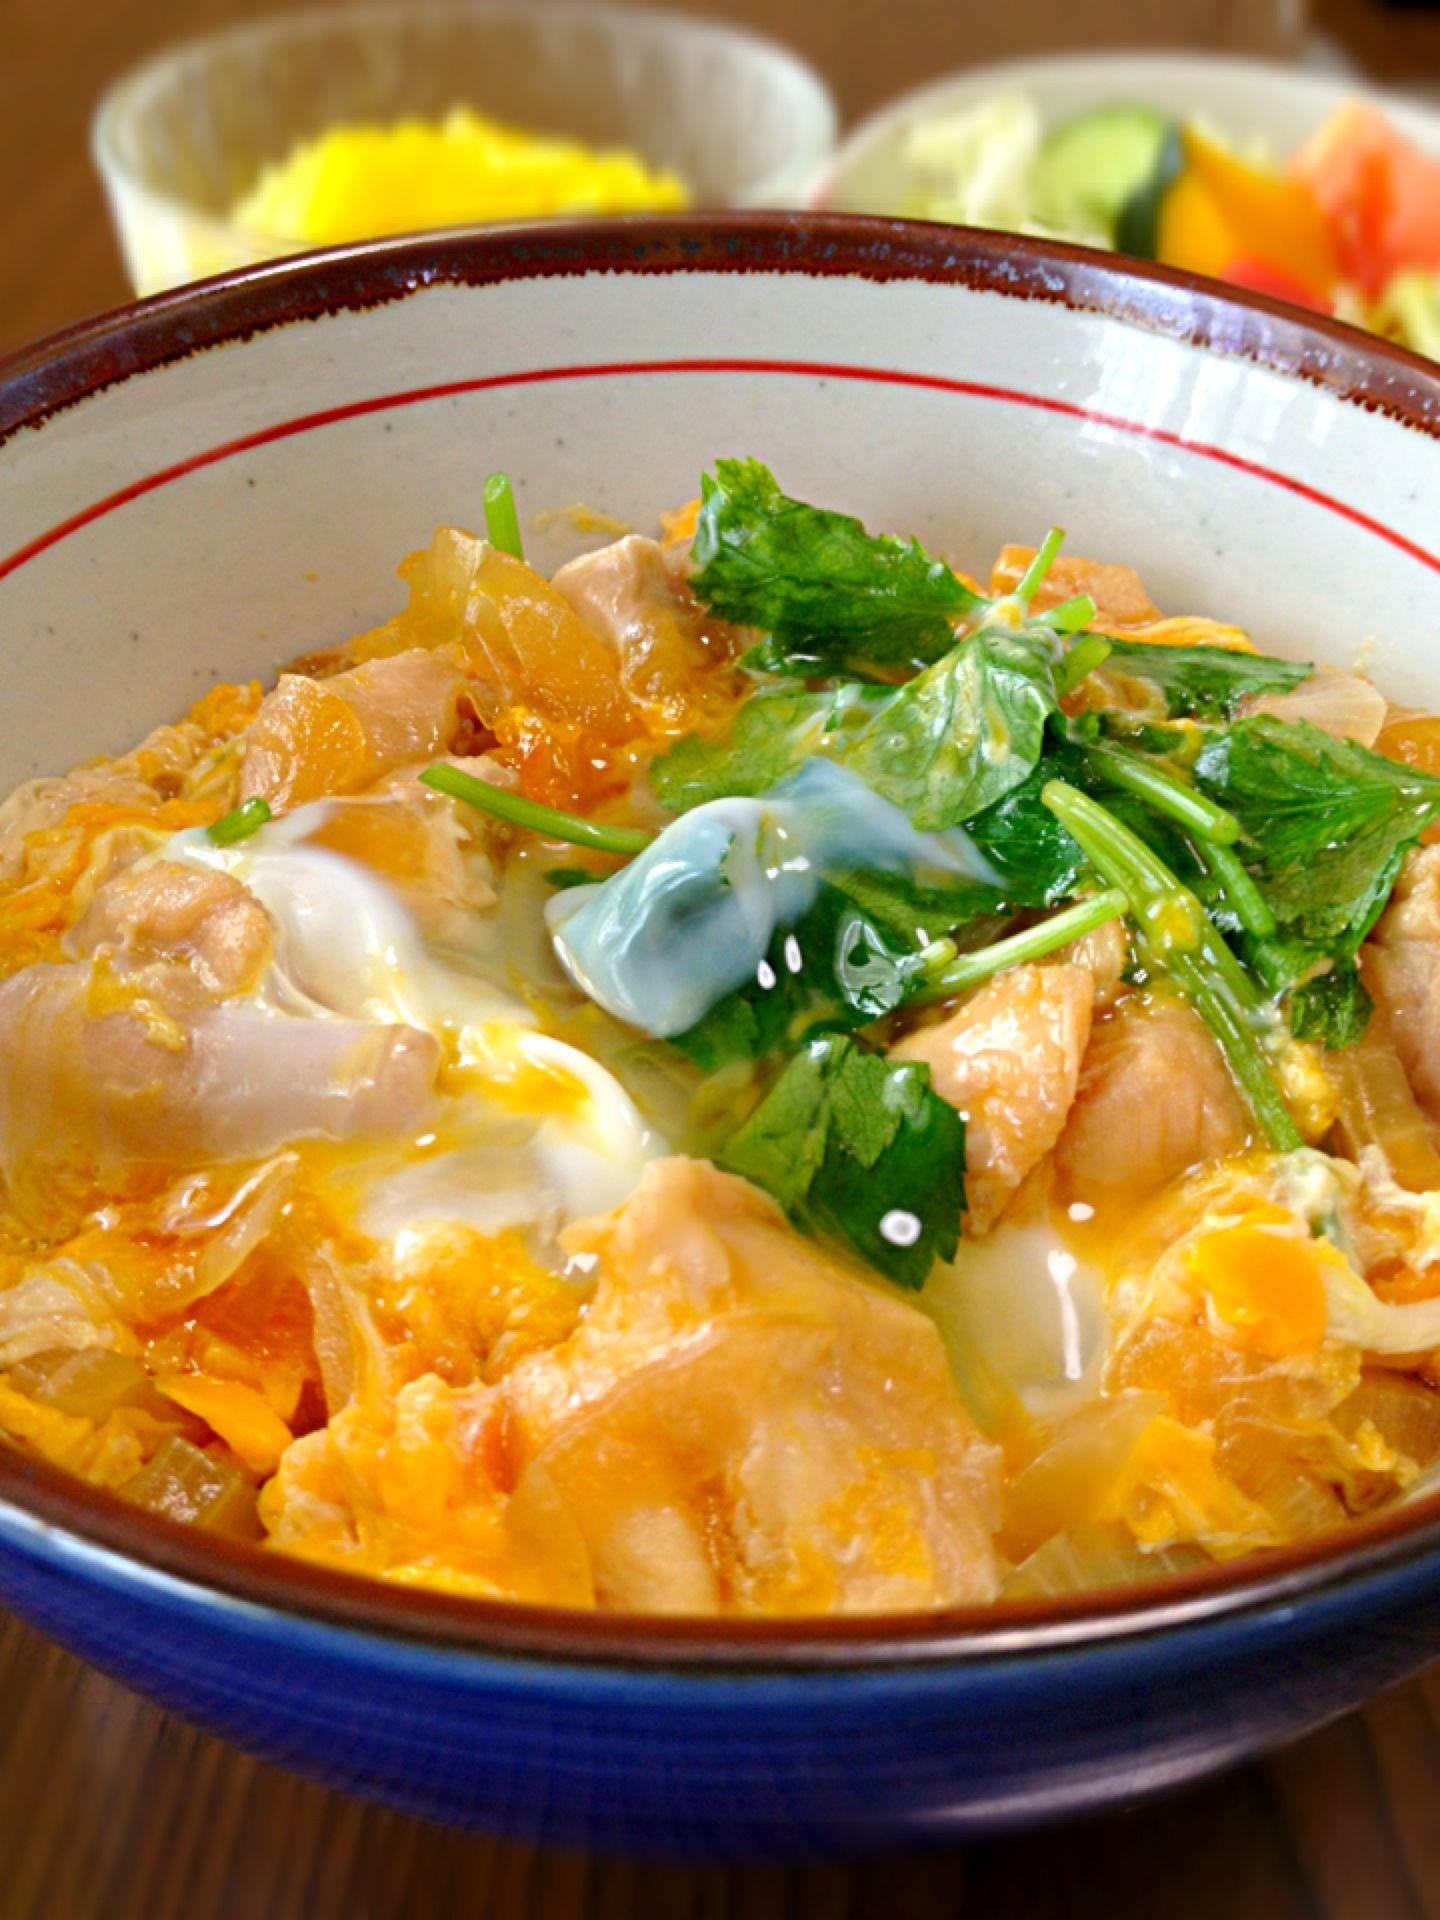 ... oyakodon chicken and egg rice bowl oyakodon recipe oyakodon all you